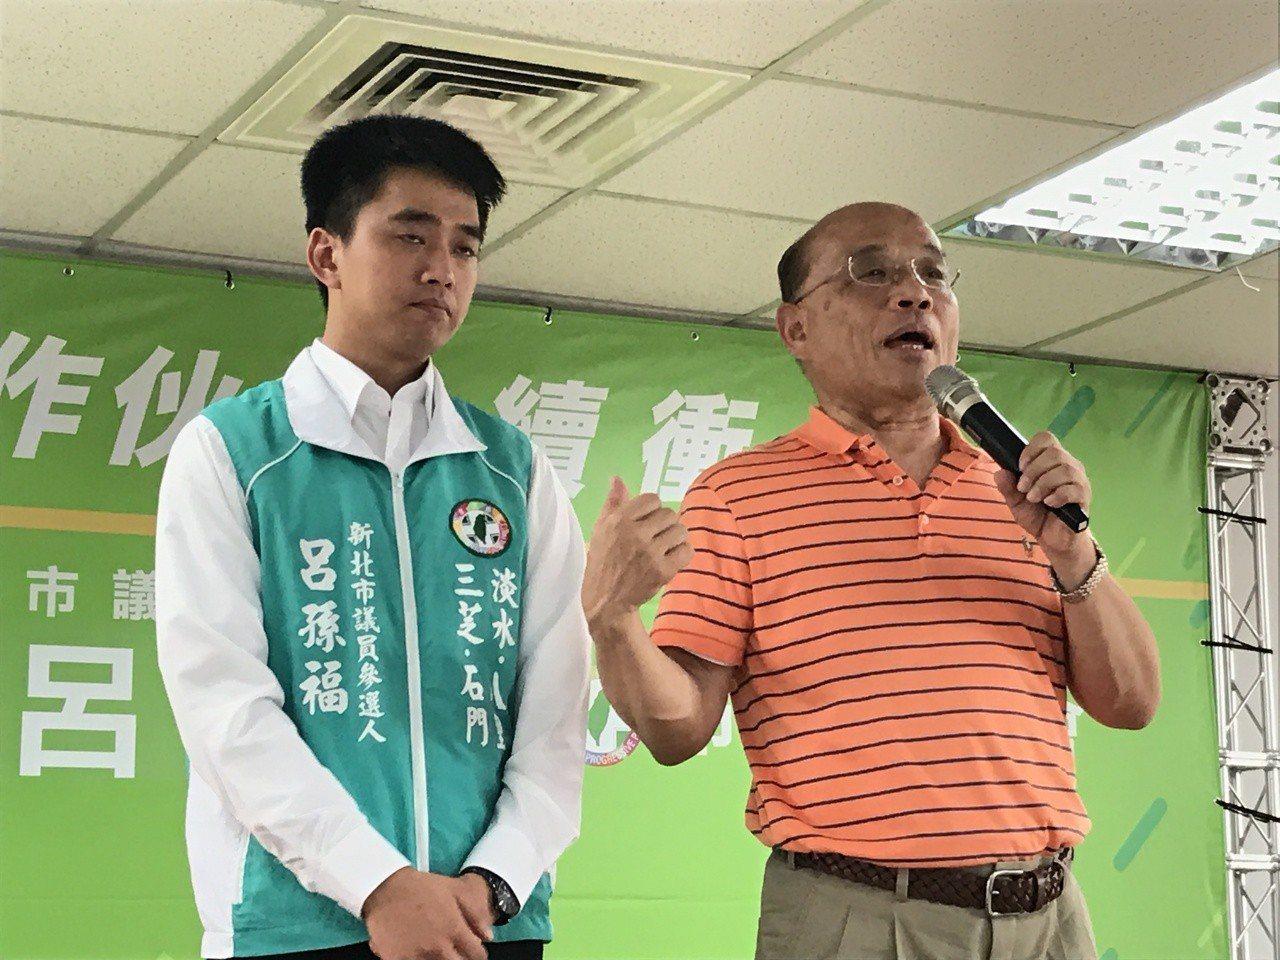 民進黨新北市議員參選人呂孫福(左)有淡水羅志祥之稱。記者陳珮琦/攝影